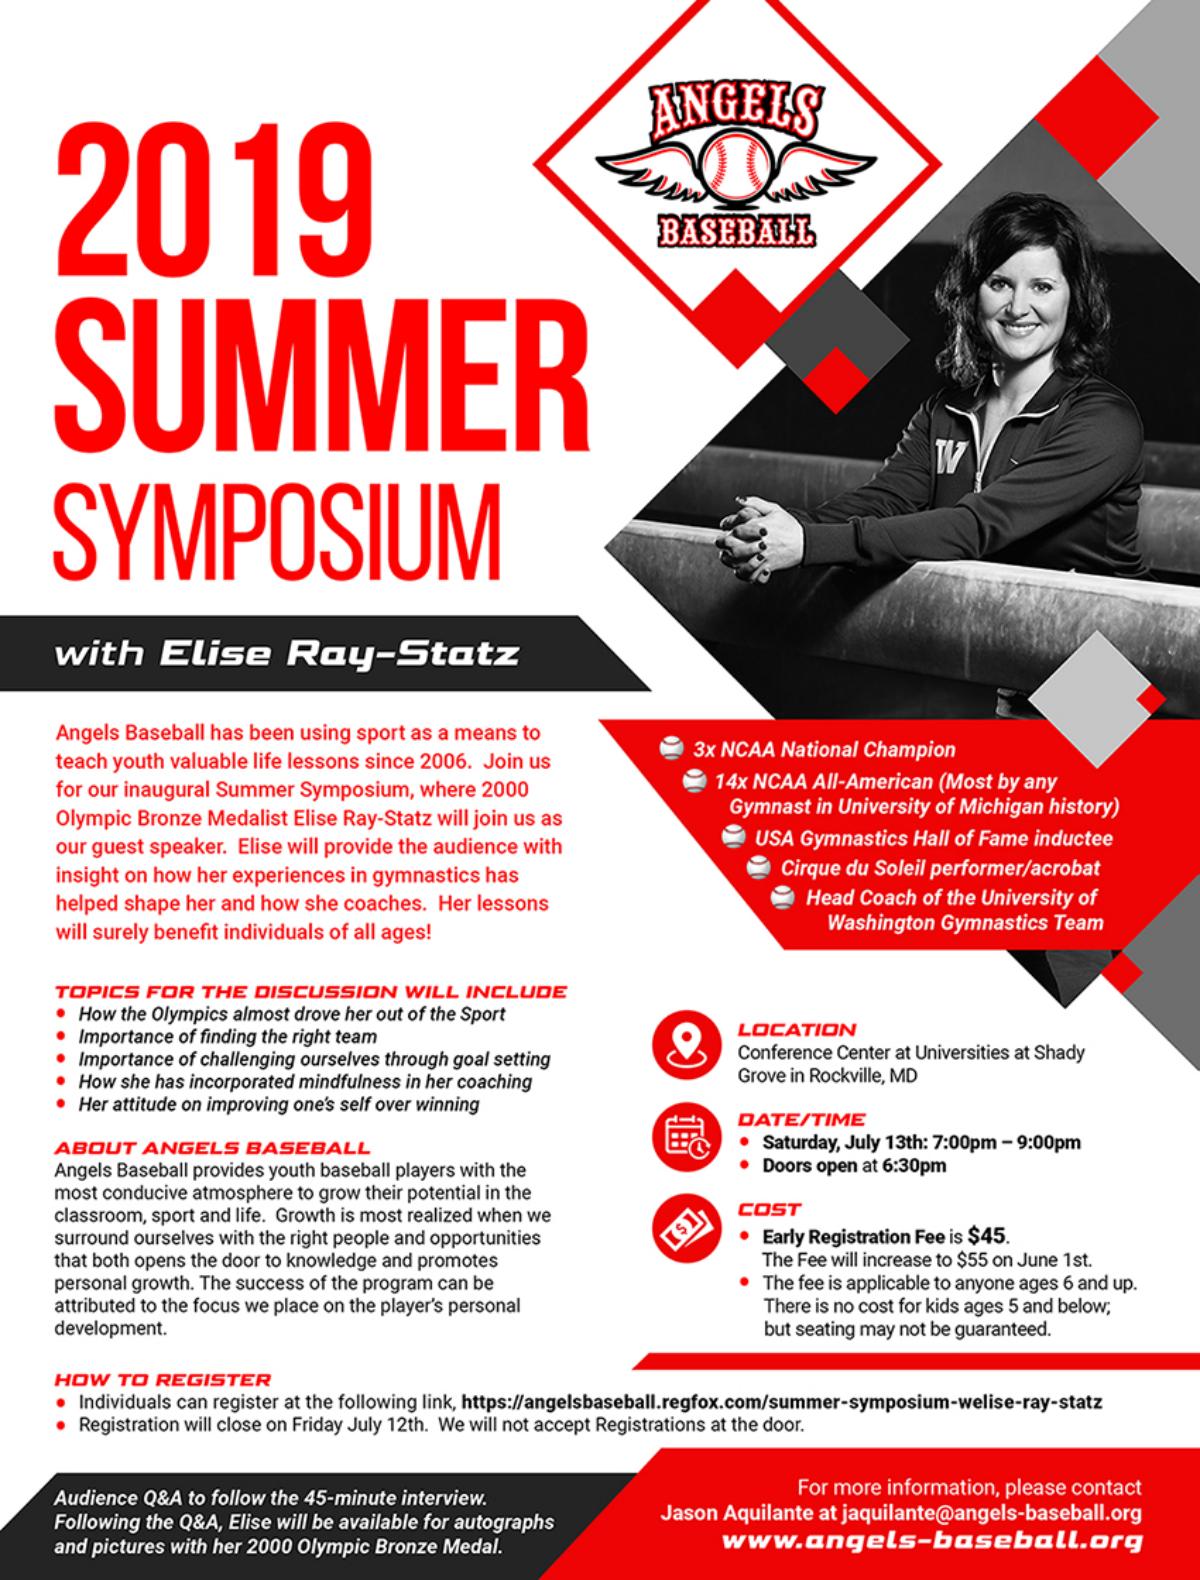 2019 Summer Symposium